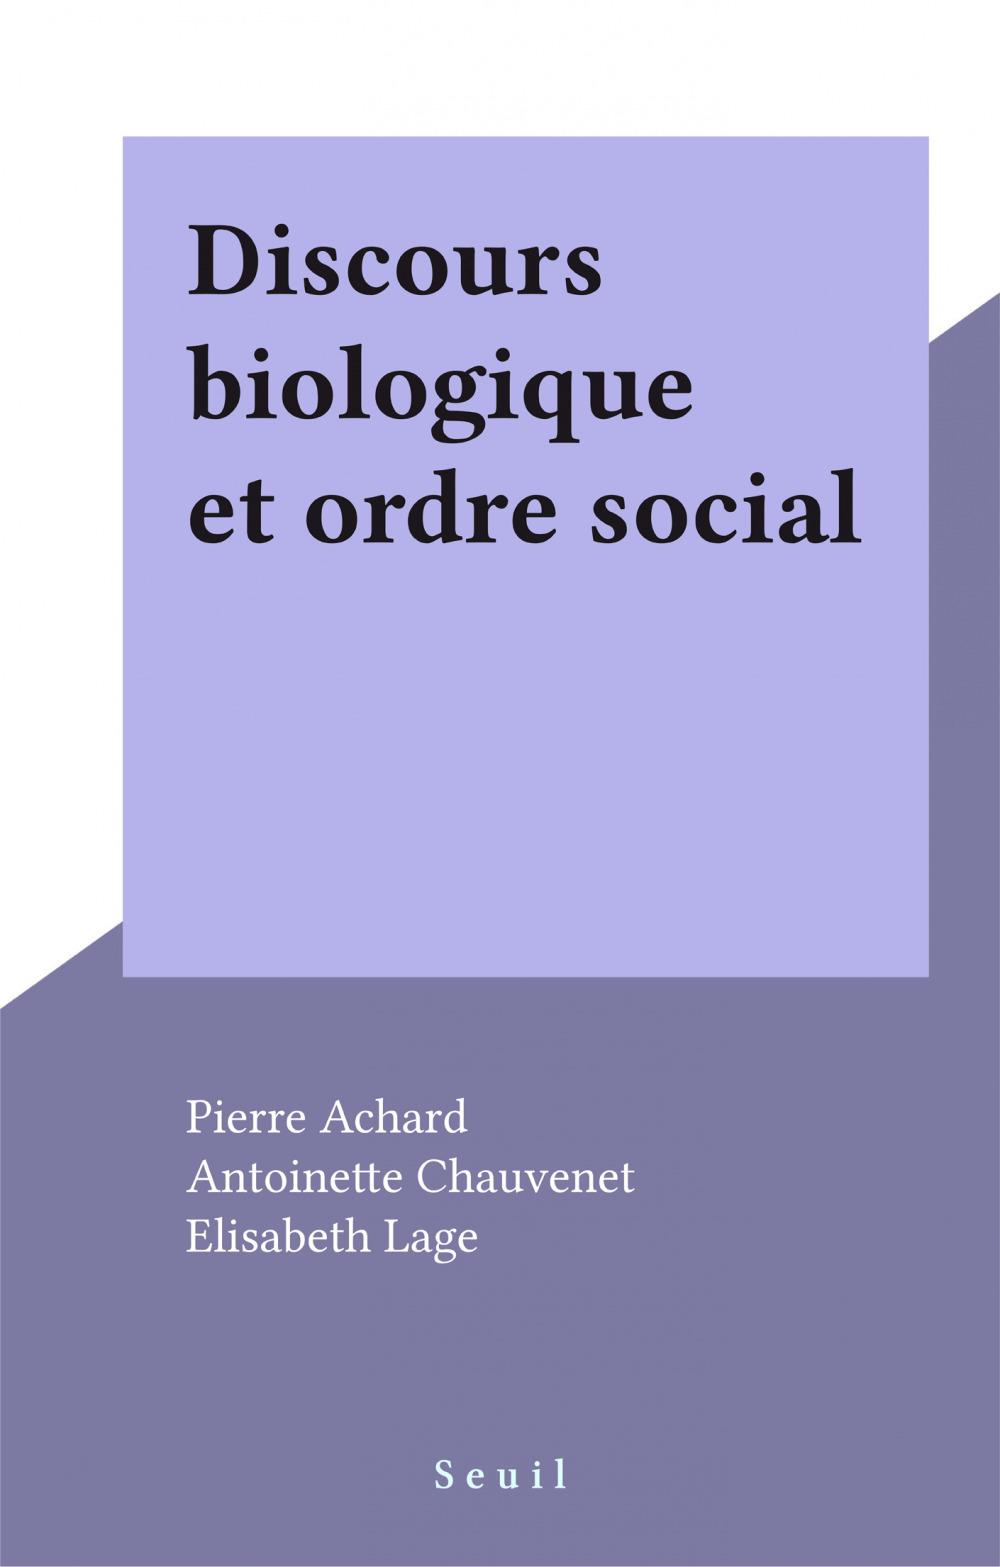 Discours biologique et ordre social